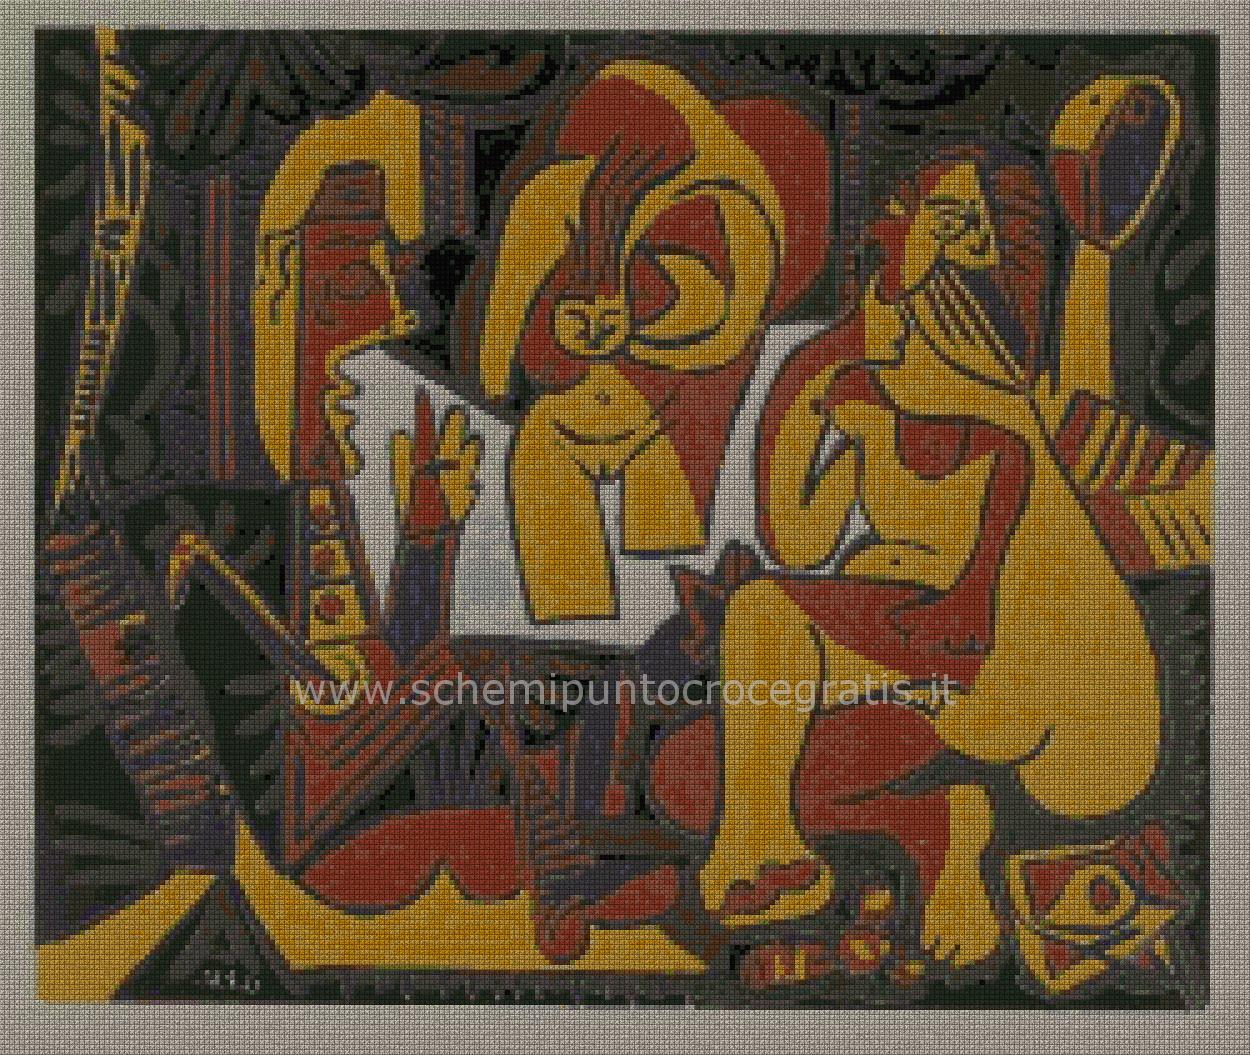 pittori_moderni/picasso/Picasso04.jpg